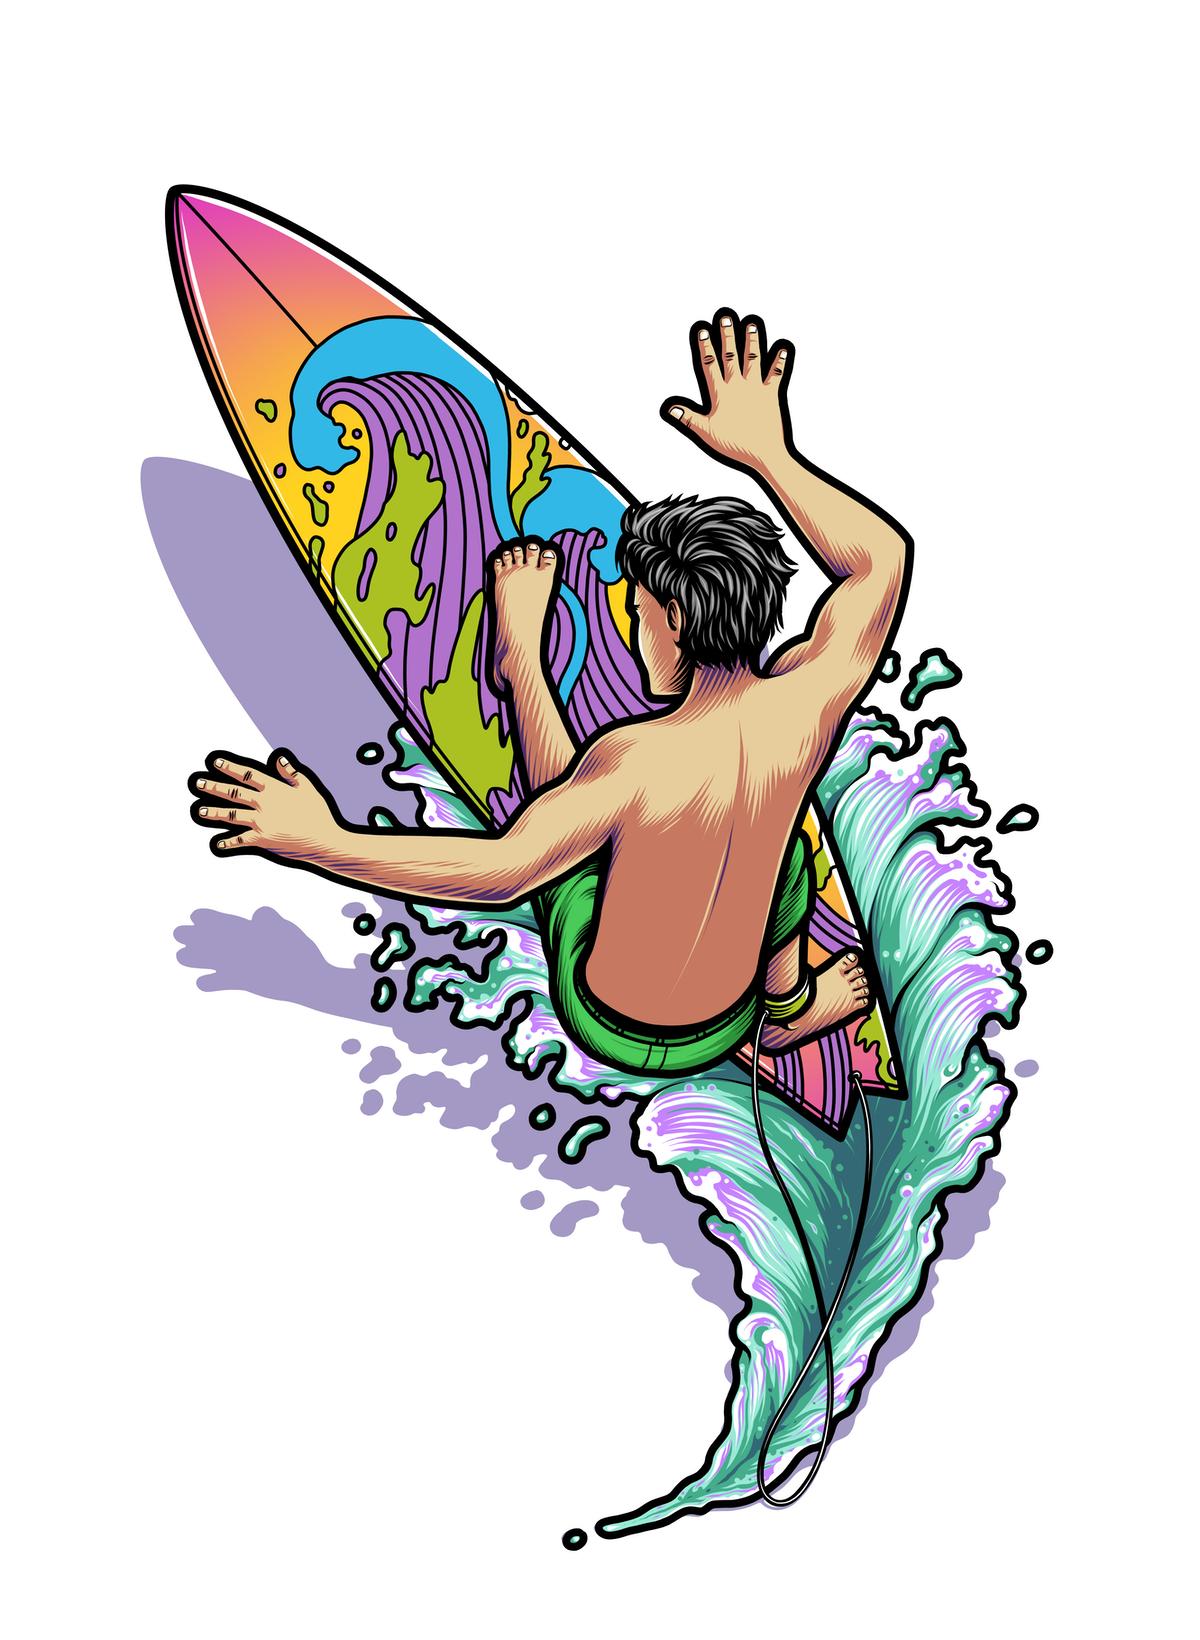 Surf logo for t-shirt